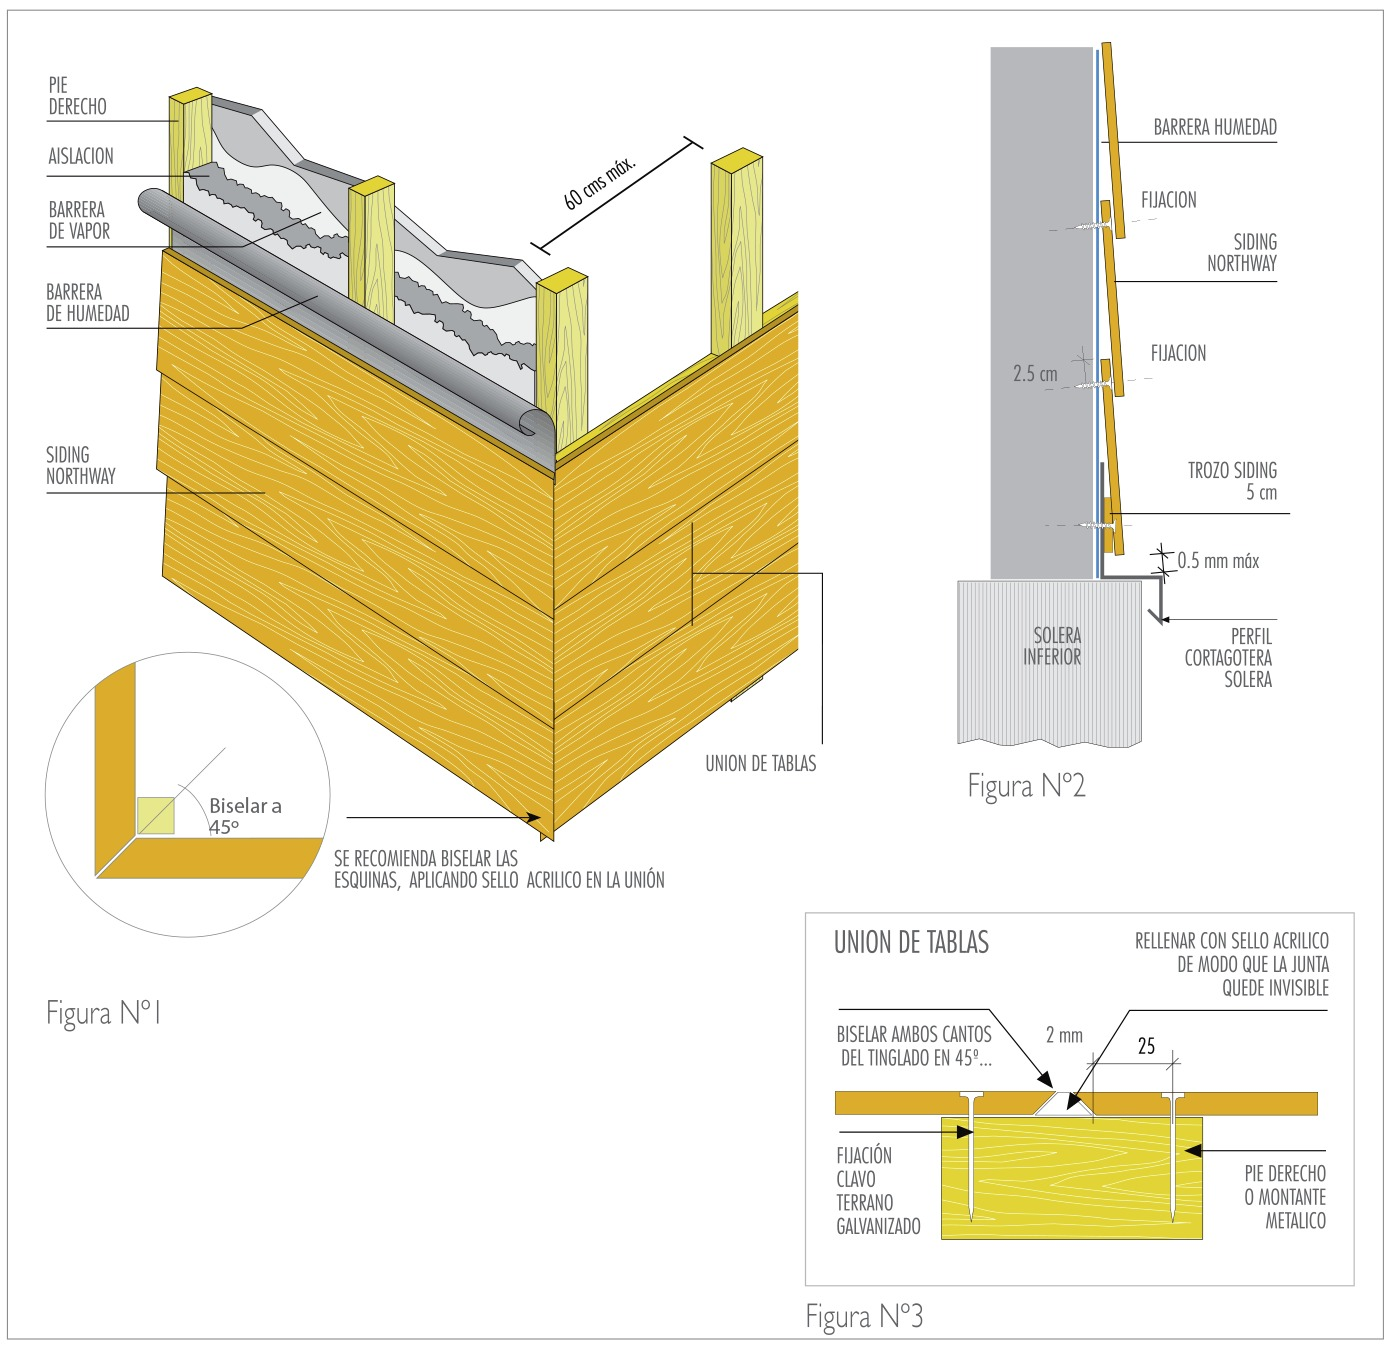 Materiales: instalación de Siding, revestimiento exterior